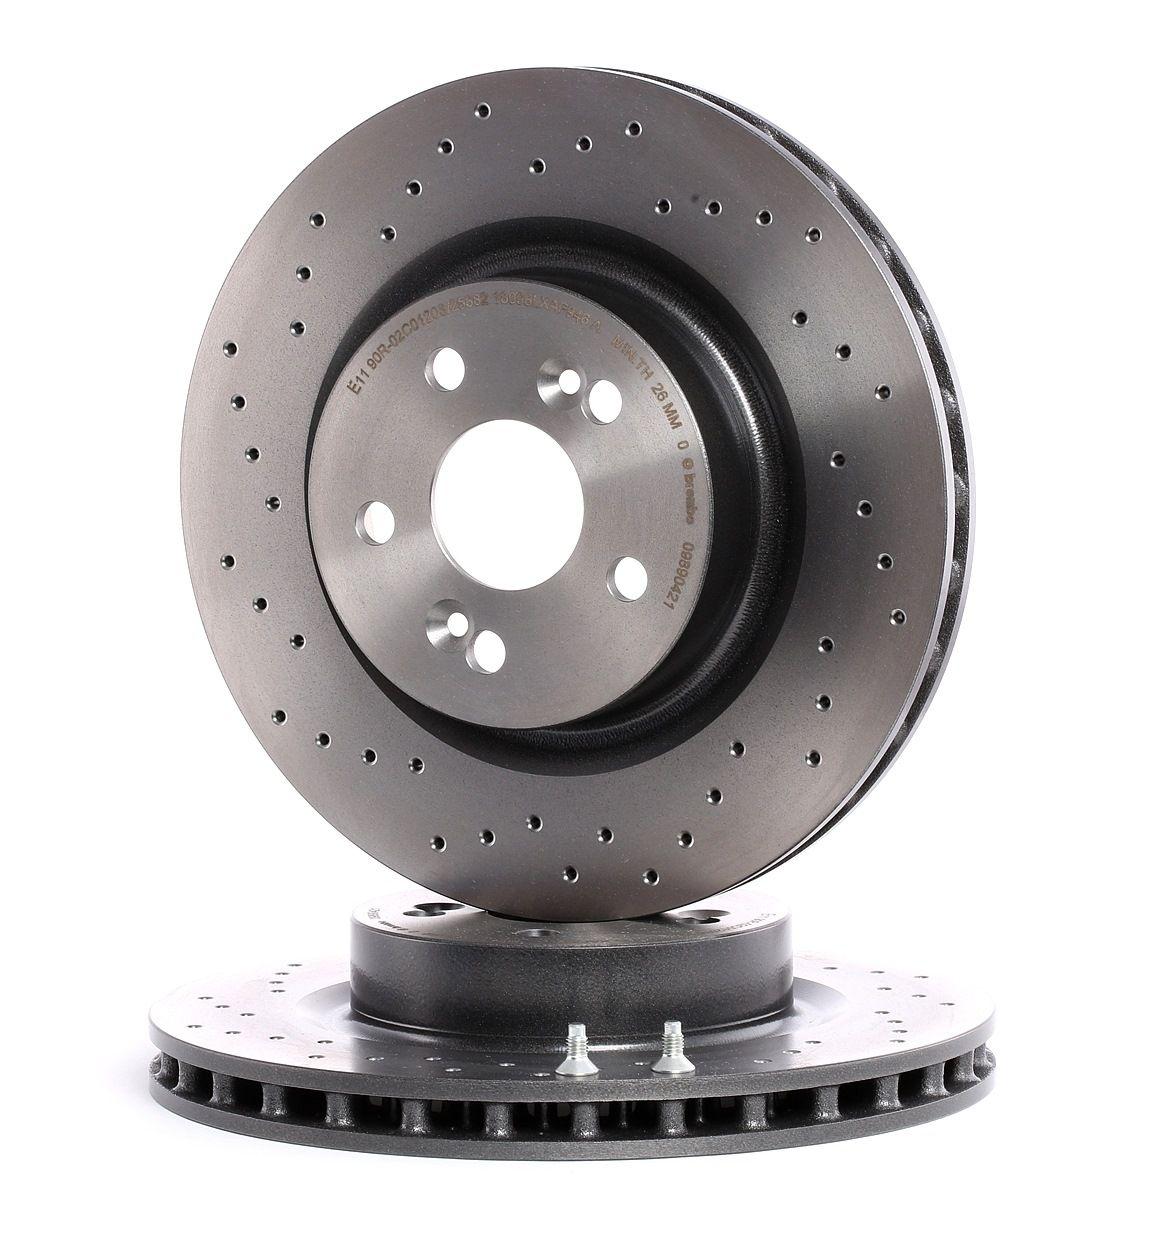 Achat de 09.8904.21 BREMBO COATED DISC LINE poinçonné/ventilé, revêtu, à haute teneur en carbone, avec vis/boulons Ø: 312mm, Nbre de trous: 5, Épaisseur du disque de frein: 28mm Disque de frein 09.8904.21 pas chères